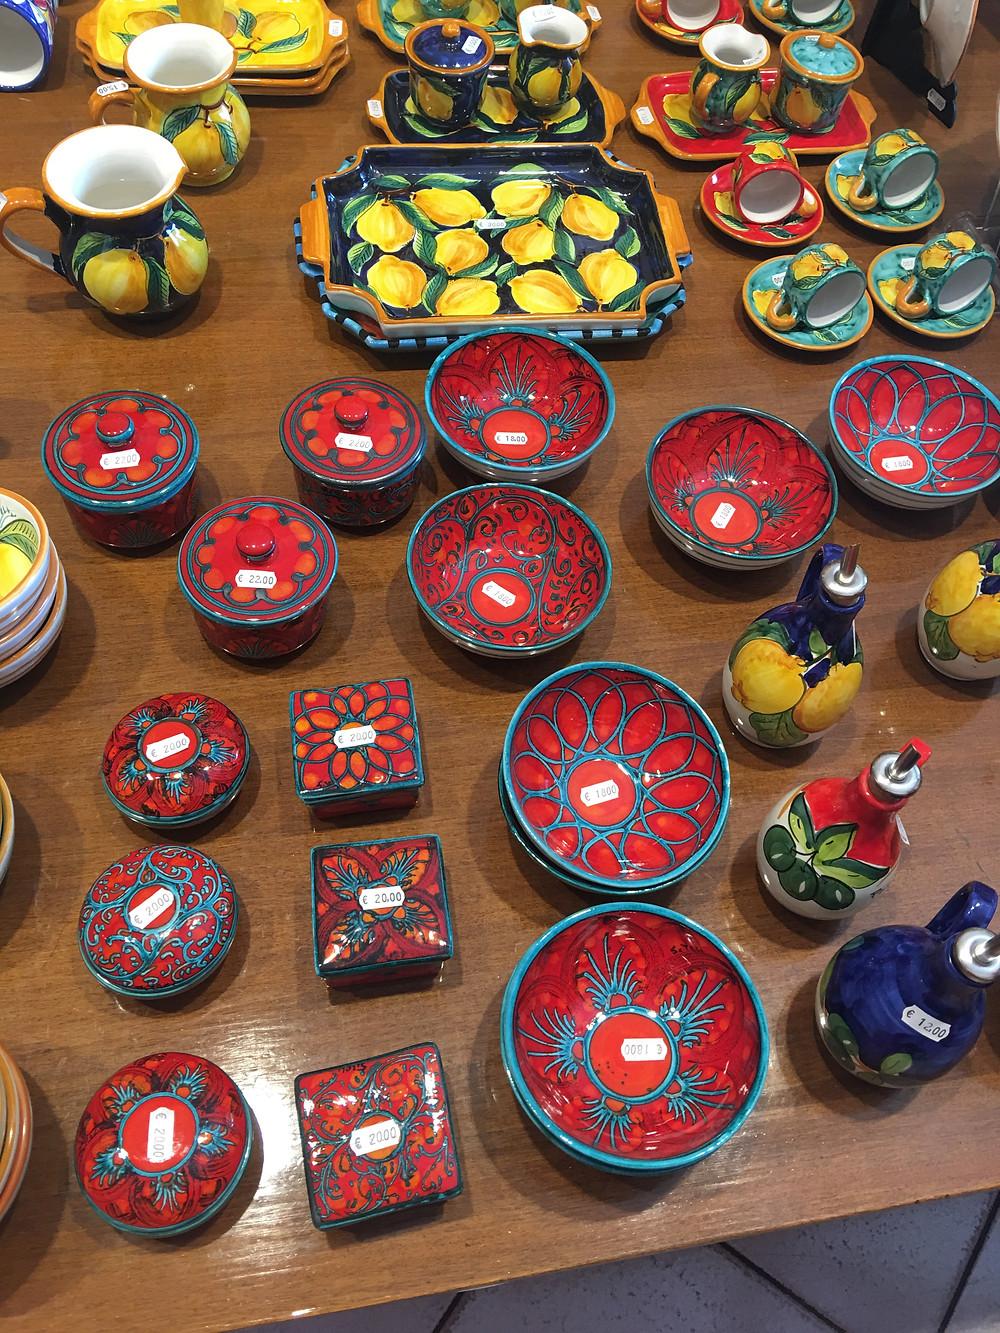 Italian pottery in Positano Italy